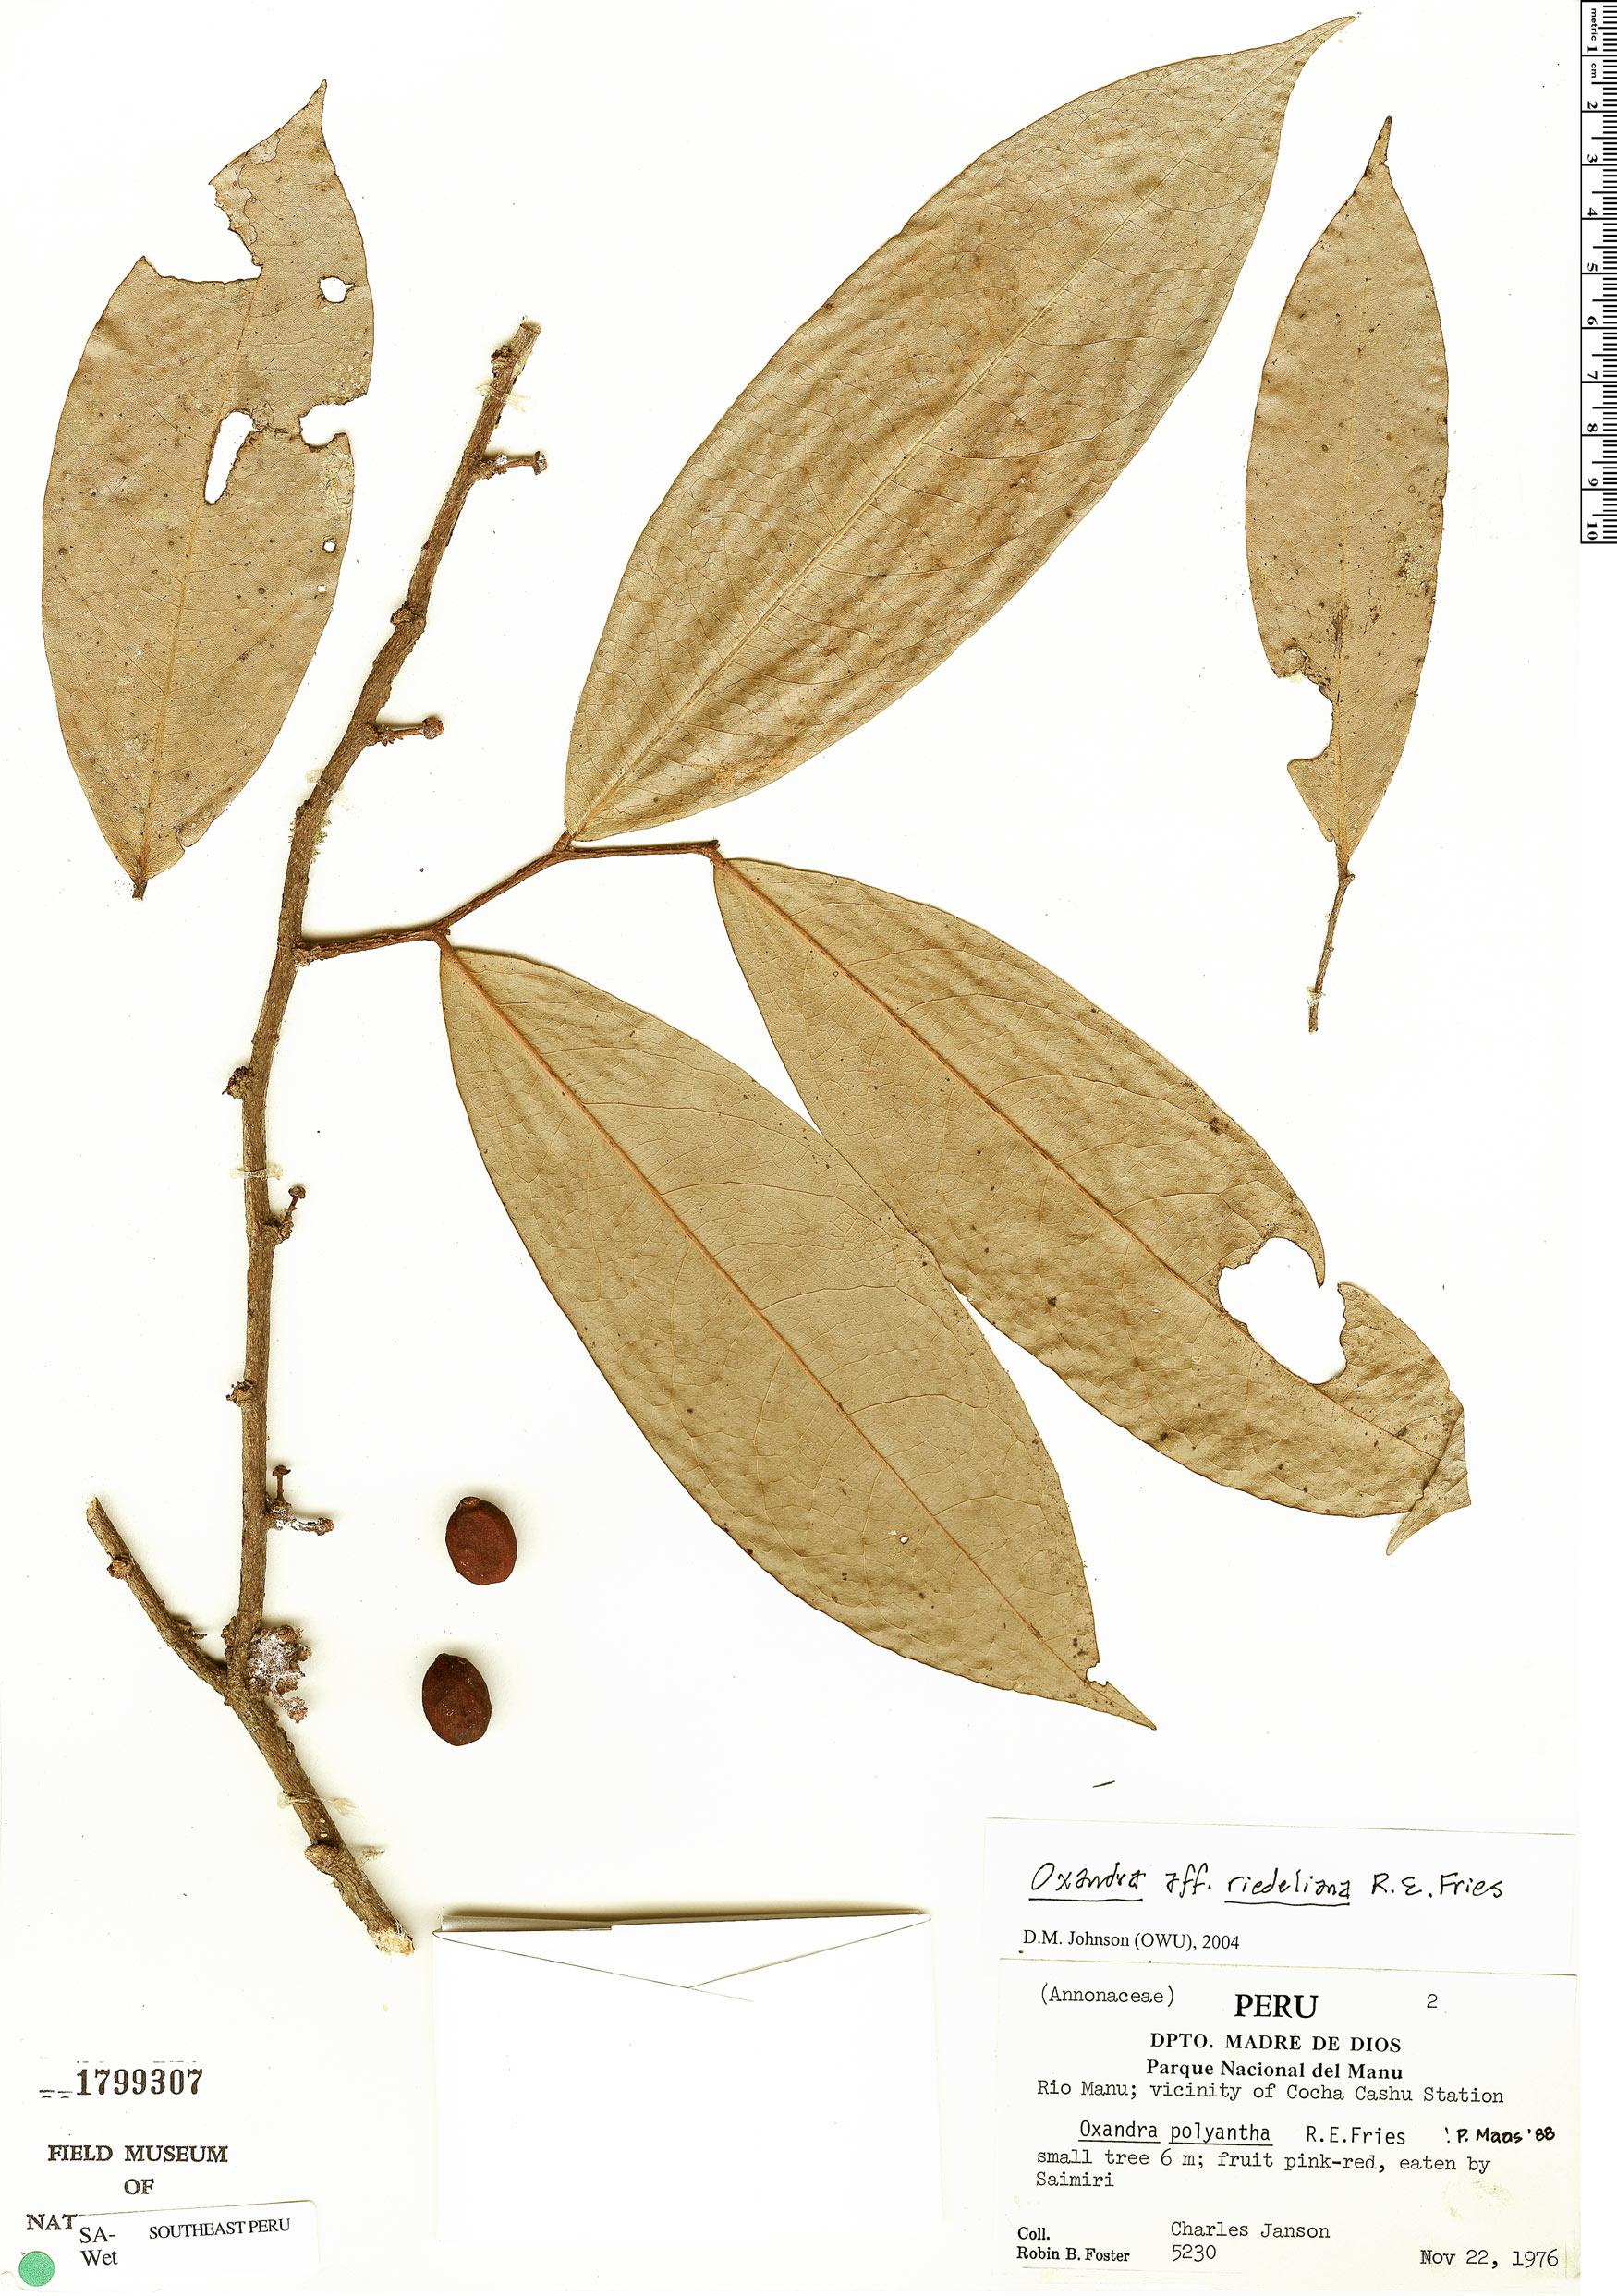 Specimen: Oxandra polyantha